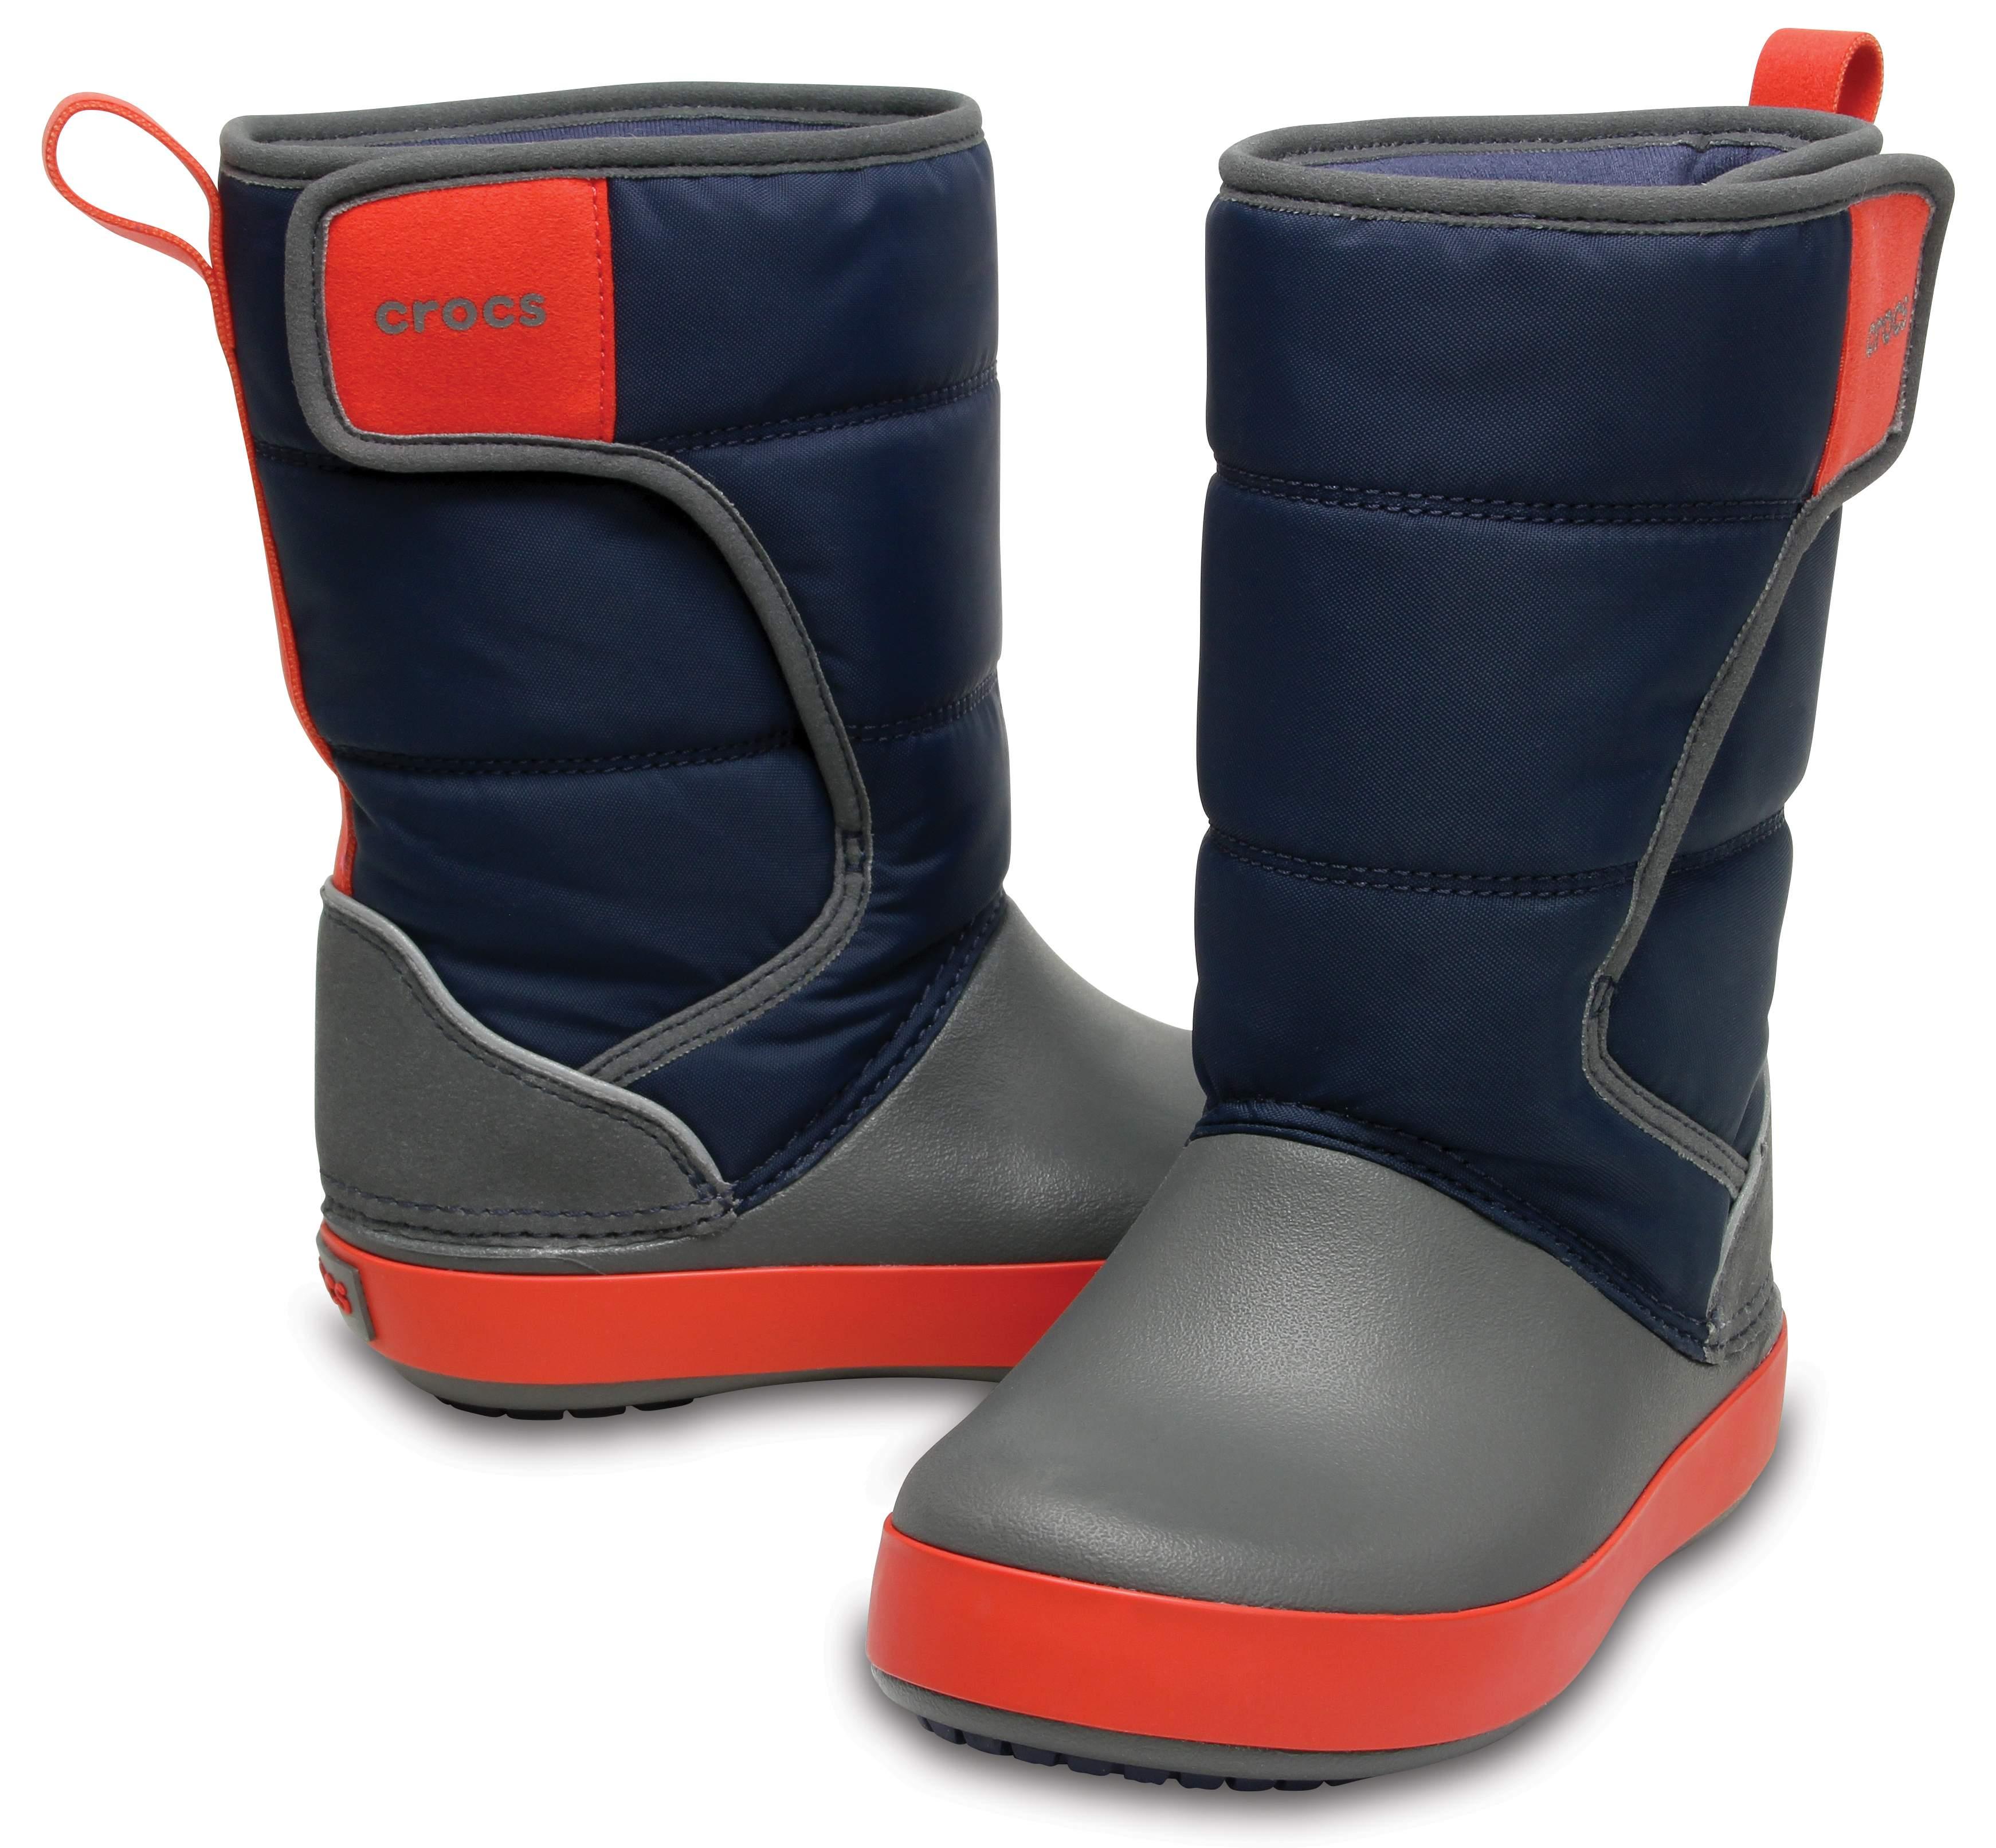 【クロックス公式】 ロッジポイント スノー ブーツ キッズ Kids' LodgePoint Snow Boot ユニセックス、キッズ、子供用、男の子、女の子、男女兼用 ブルー/青 15cm,18.5cm,19.5cm,20cm boot ブーツ